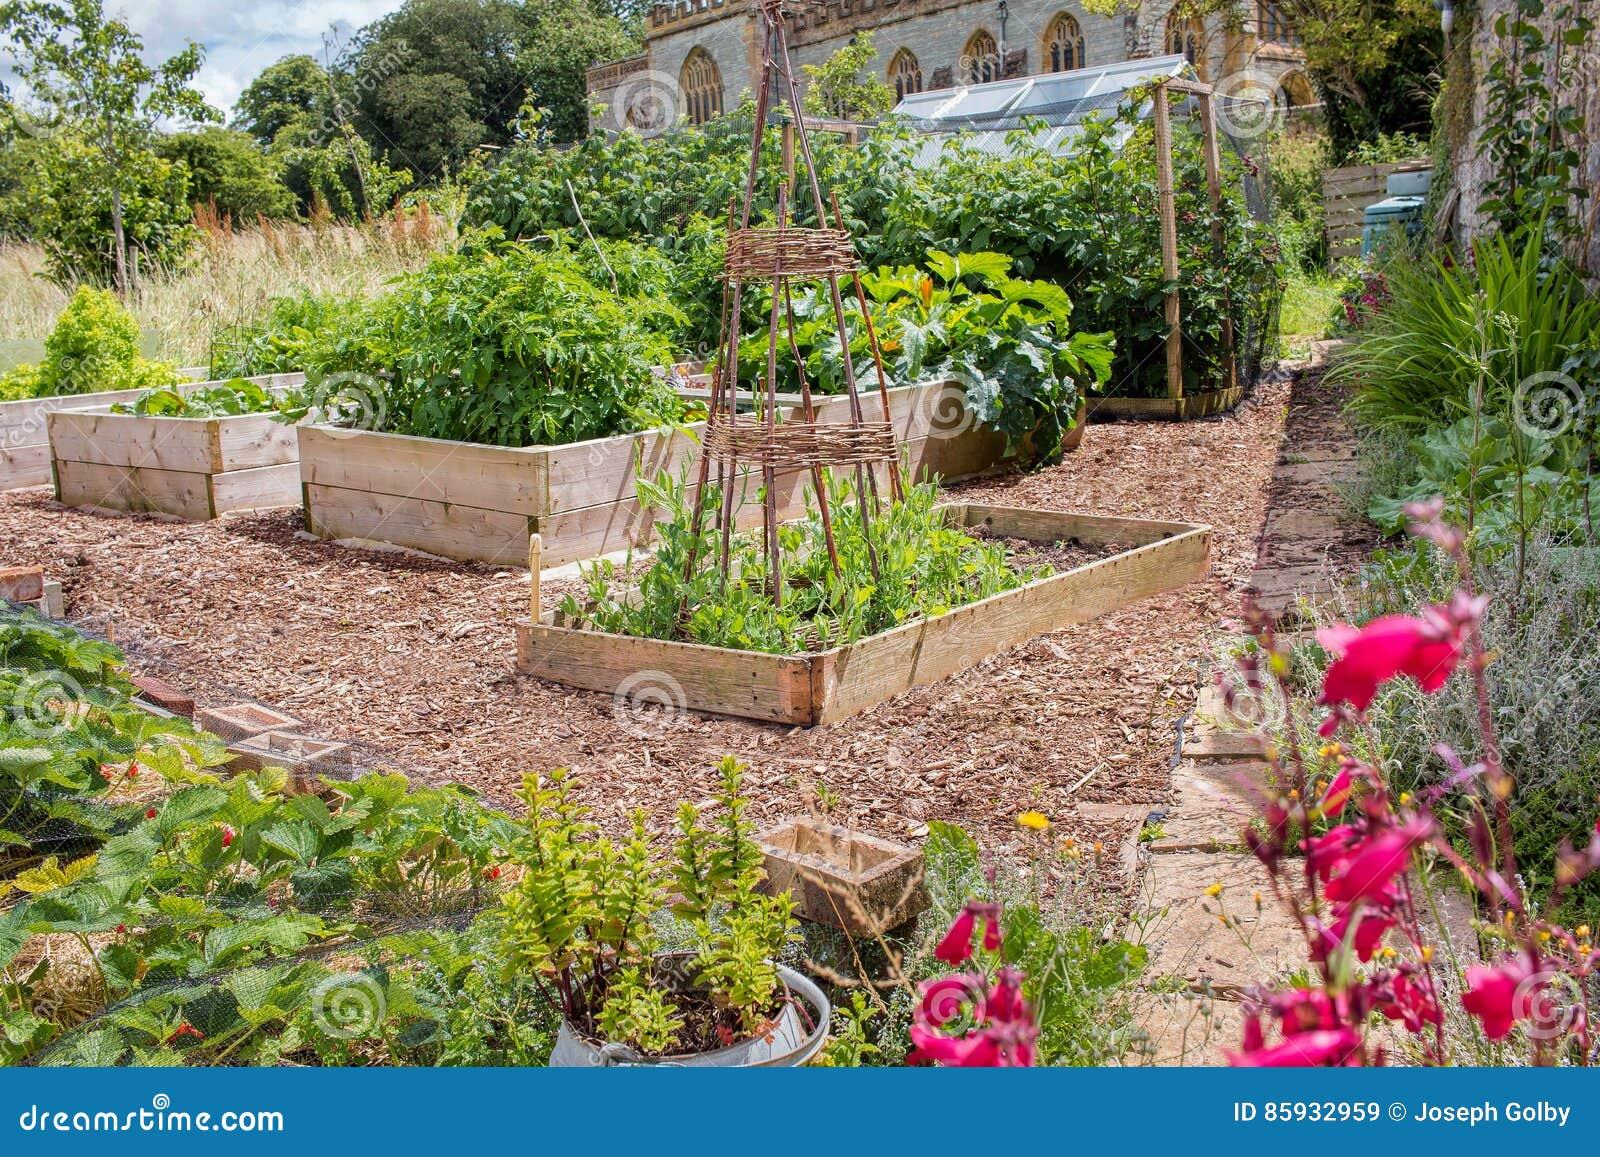 Landlicher Hochbeet Gemuse U Blumen Garten Stockbild Bild Von